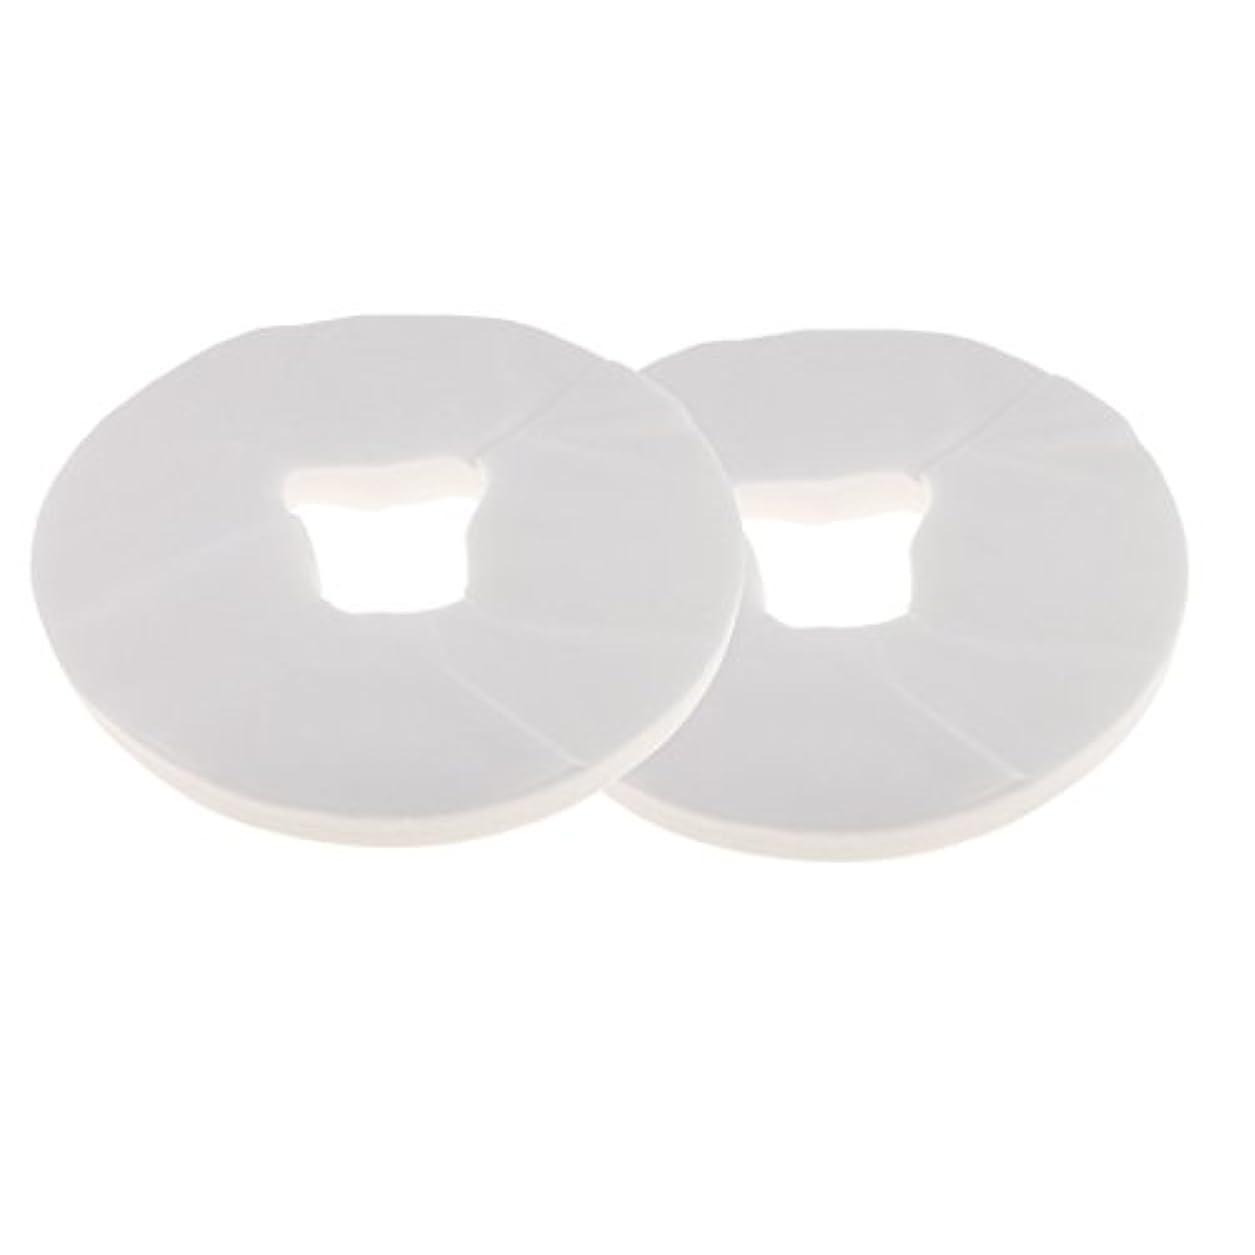 シネマラッカス道徳教育Perfk 約200枚 使い捨て フェイスクレードルカバー カバー マッサージ クッションカバー 柔らかい 衛生的